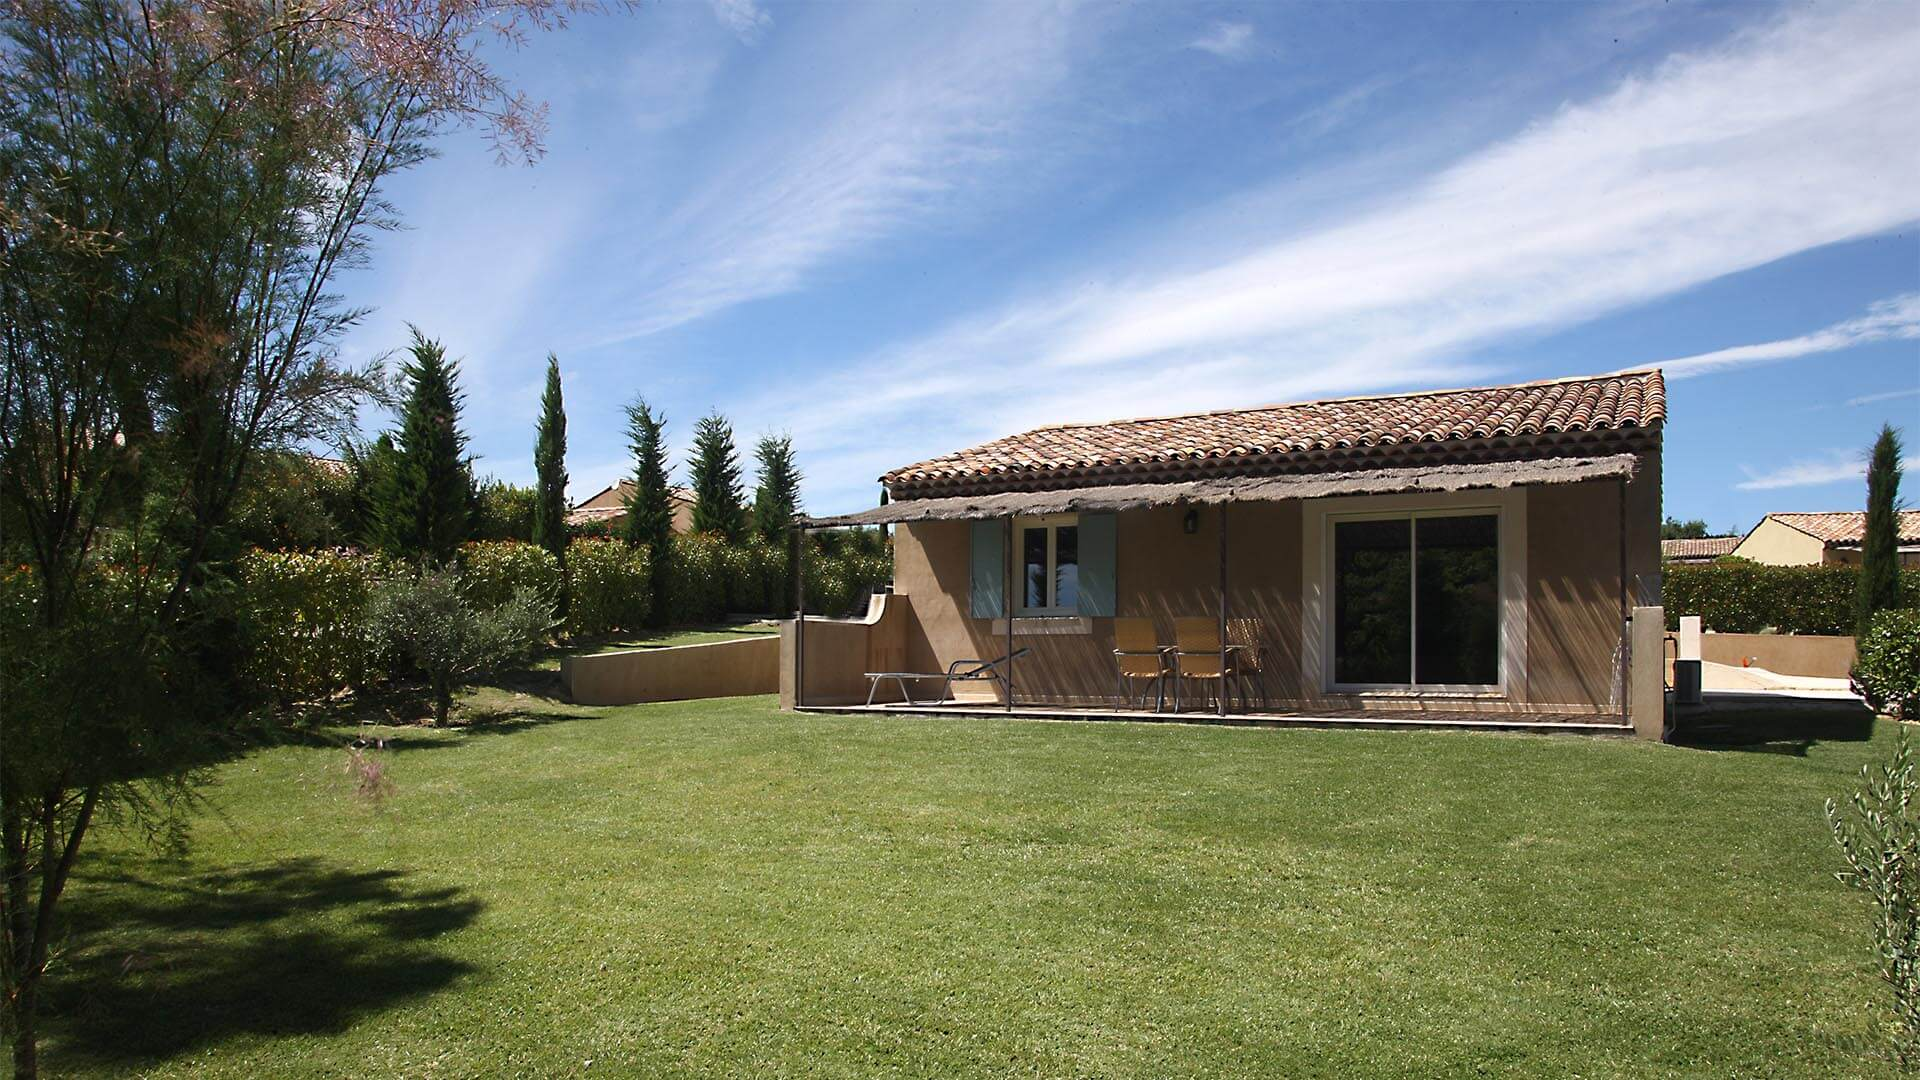 Location maison de vacances Provence-Alpes-Côte d'Azur | Villa sous la tonnelle | Terrasse avec jardin